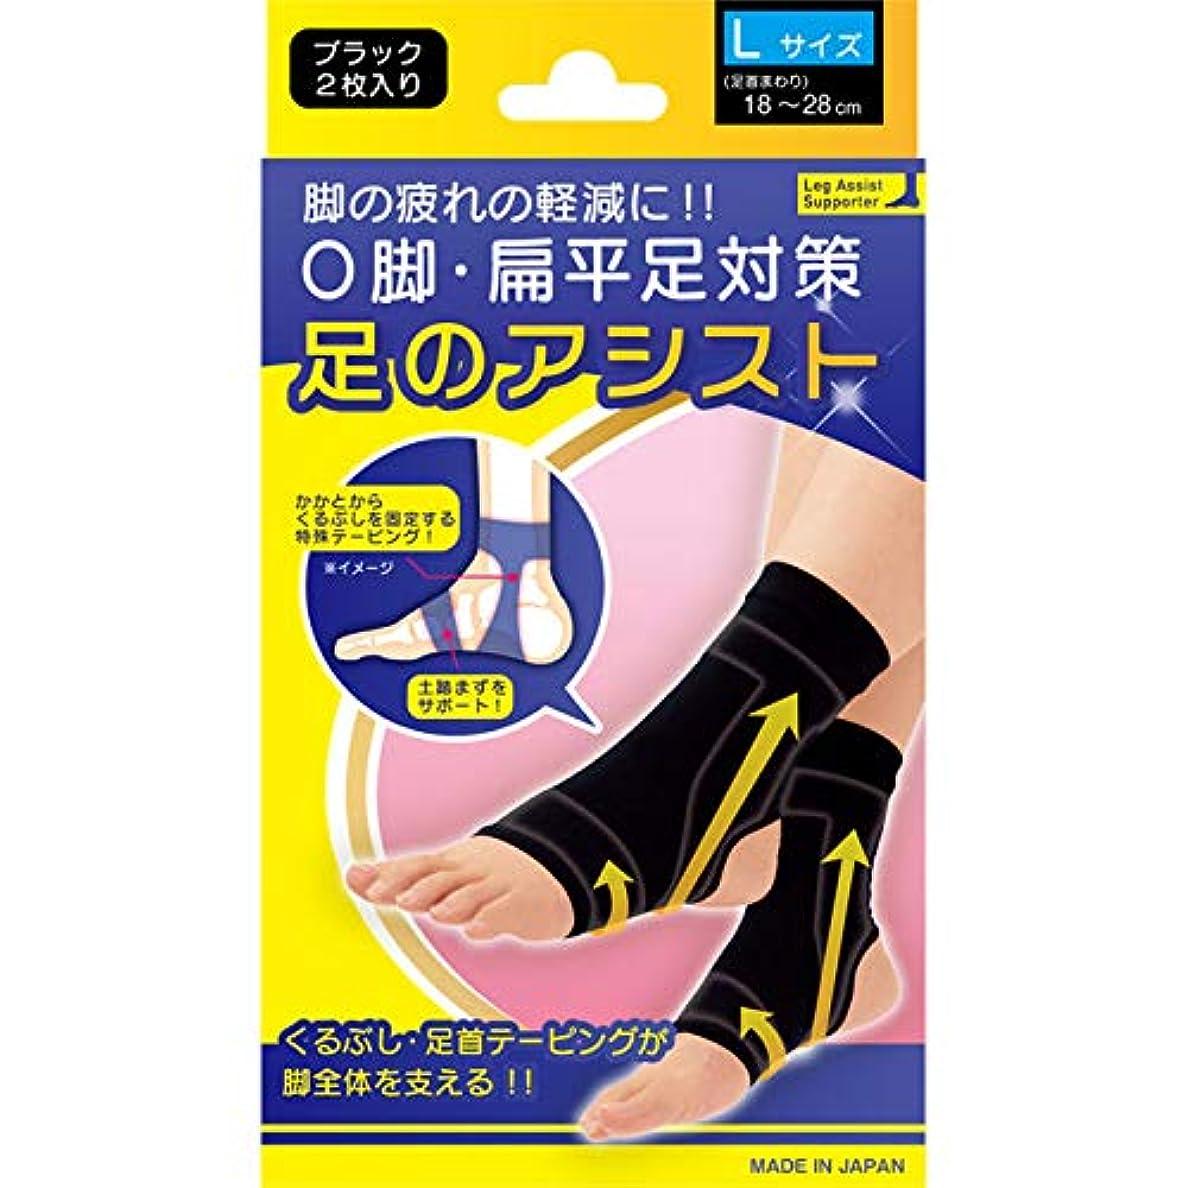 追い払う加速するスロープ美脚足のアシスト ブラック 2枚入り Lサイズ(足首まわり18~28cm)